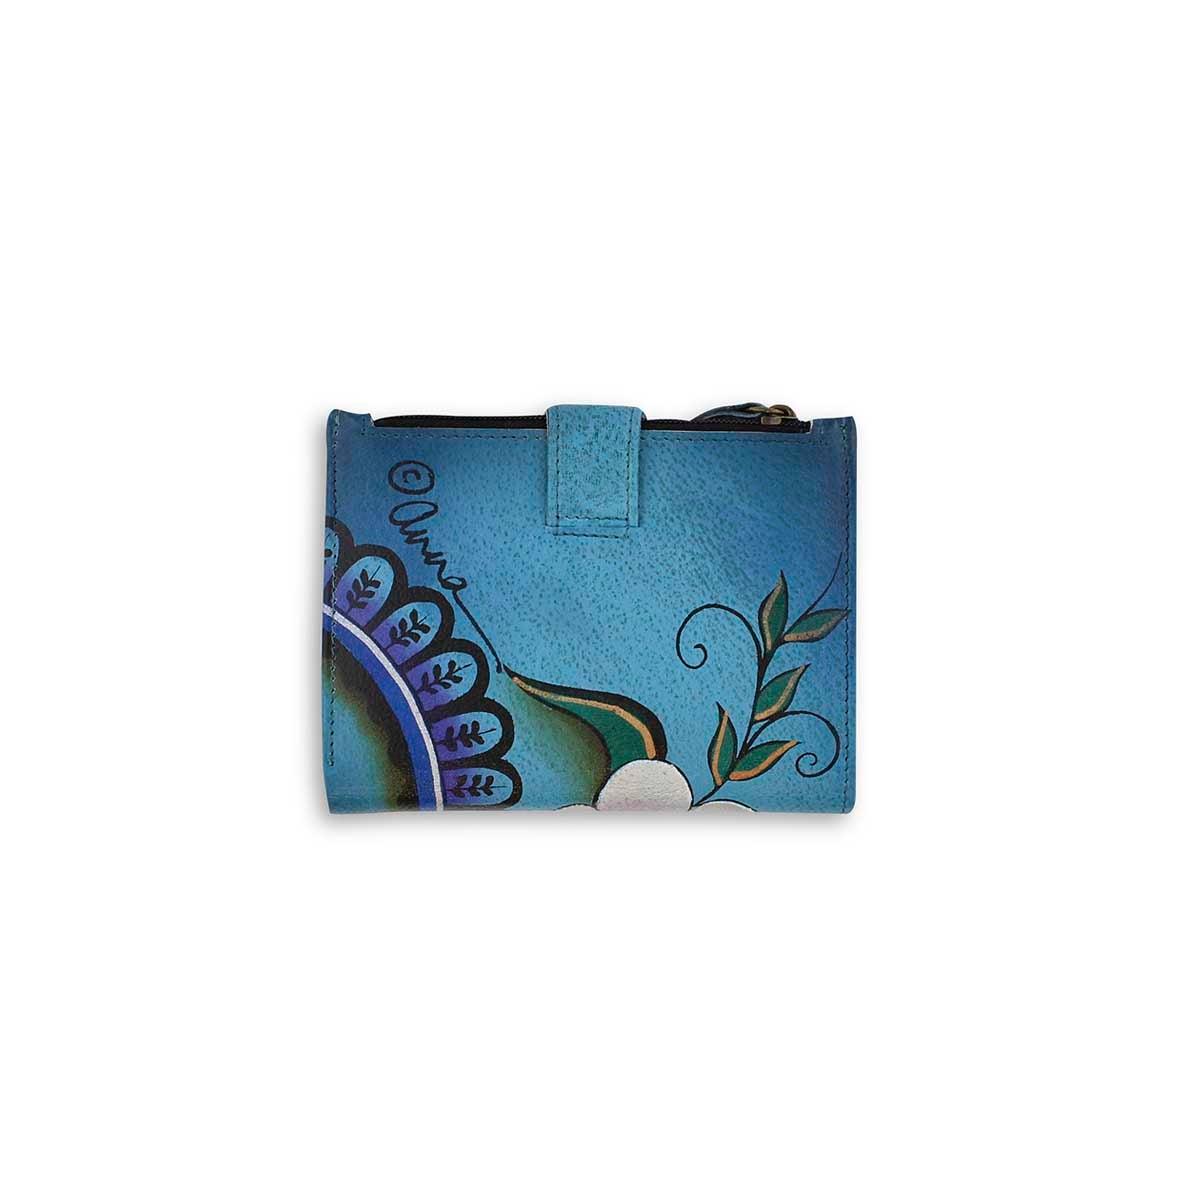 Painted lthr Denim Paisley Floral wallet